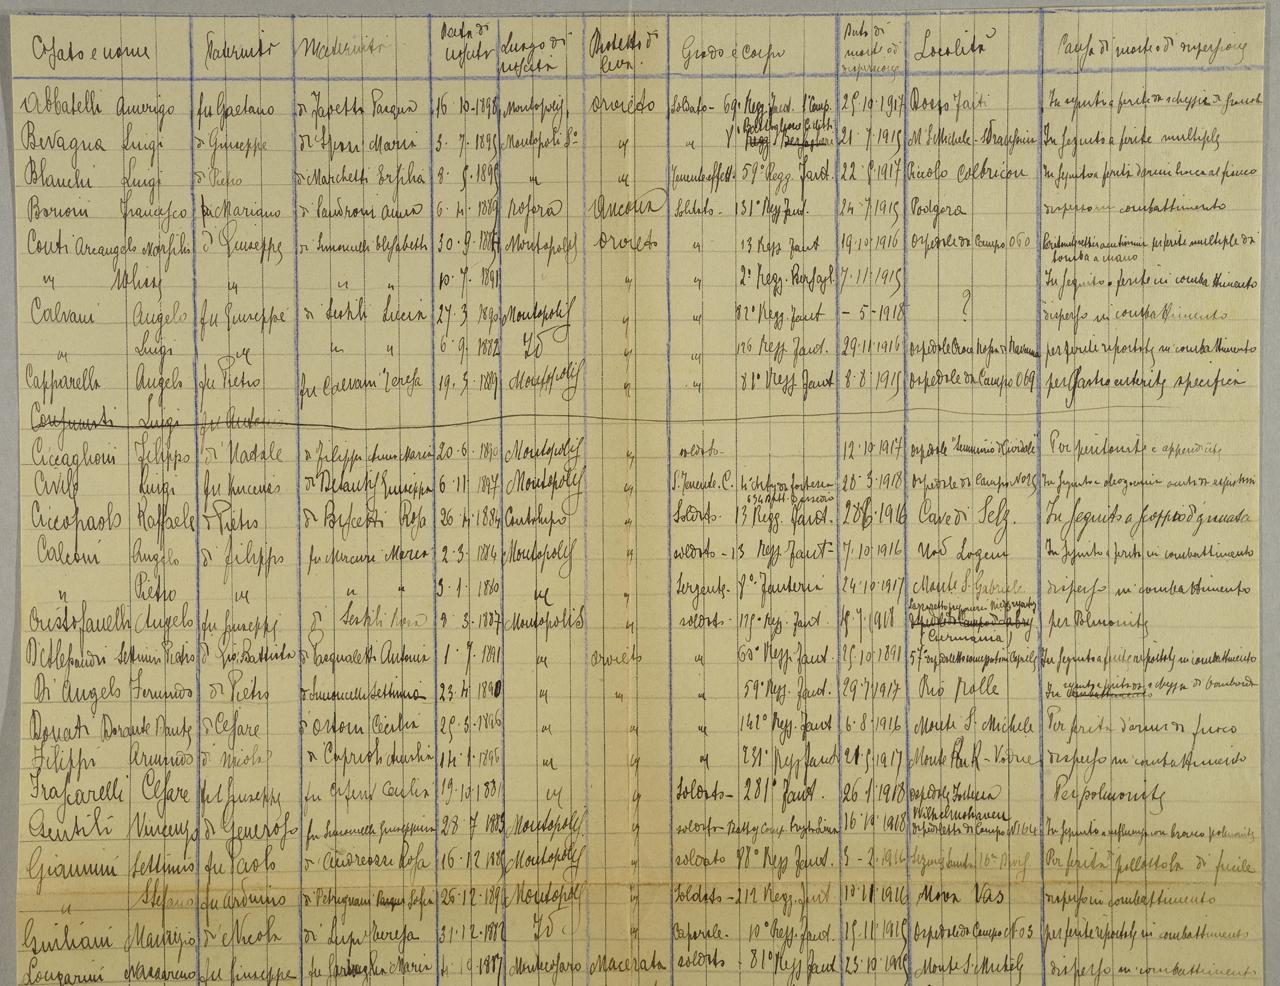 Comune Di Montopoli Di Sabina elenco caduti della prima guerra mondiale   storie e